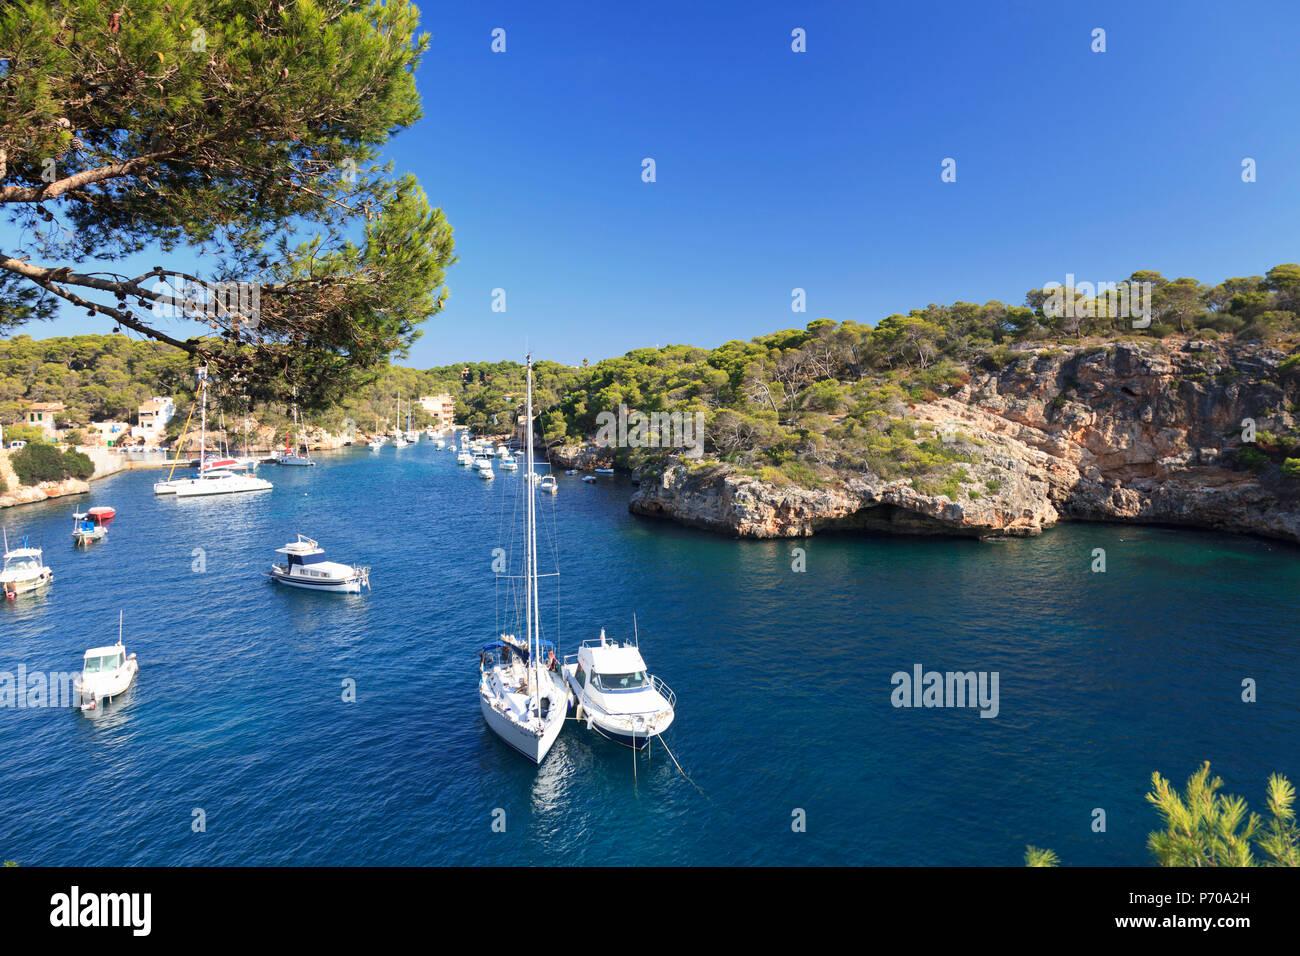 España, Islas Baleares, Mallorca, Playa de Cala Figuera Imagen De Stock